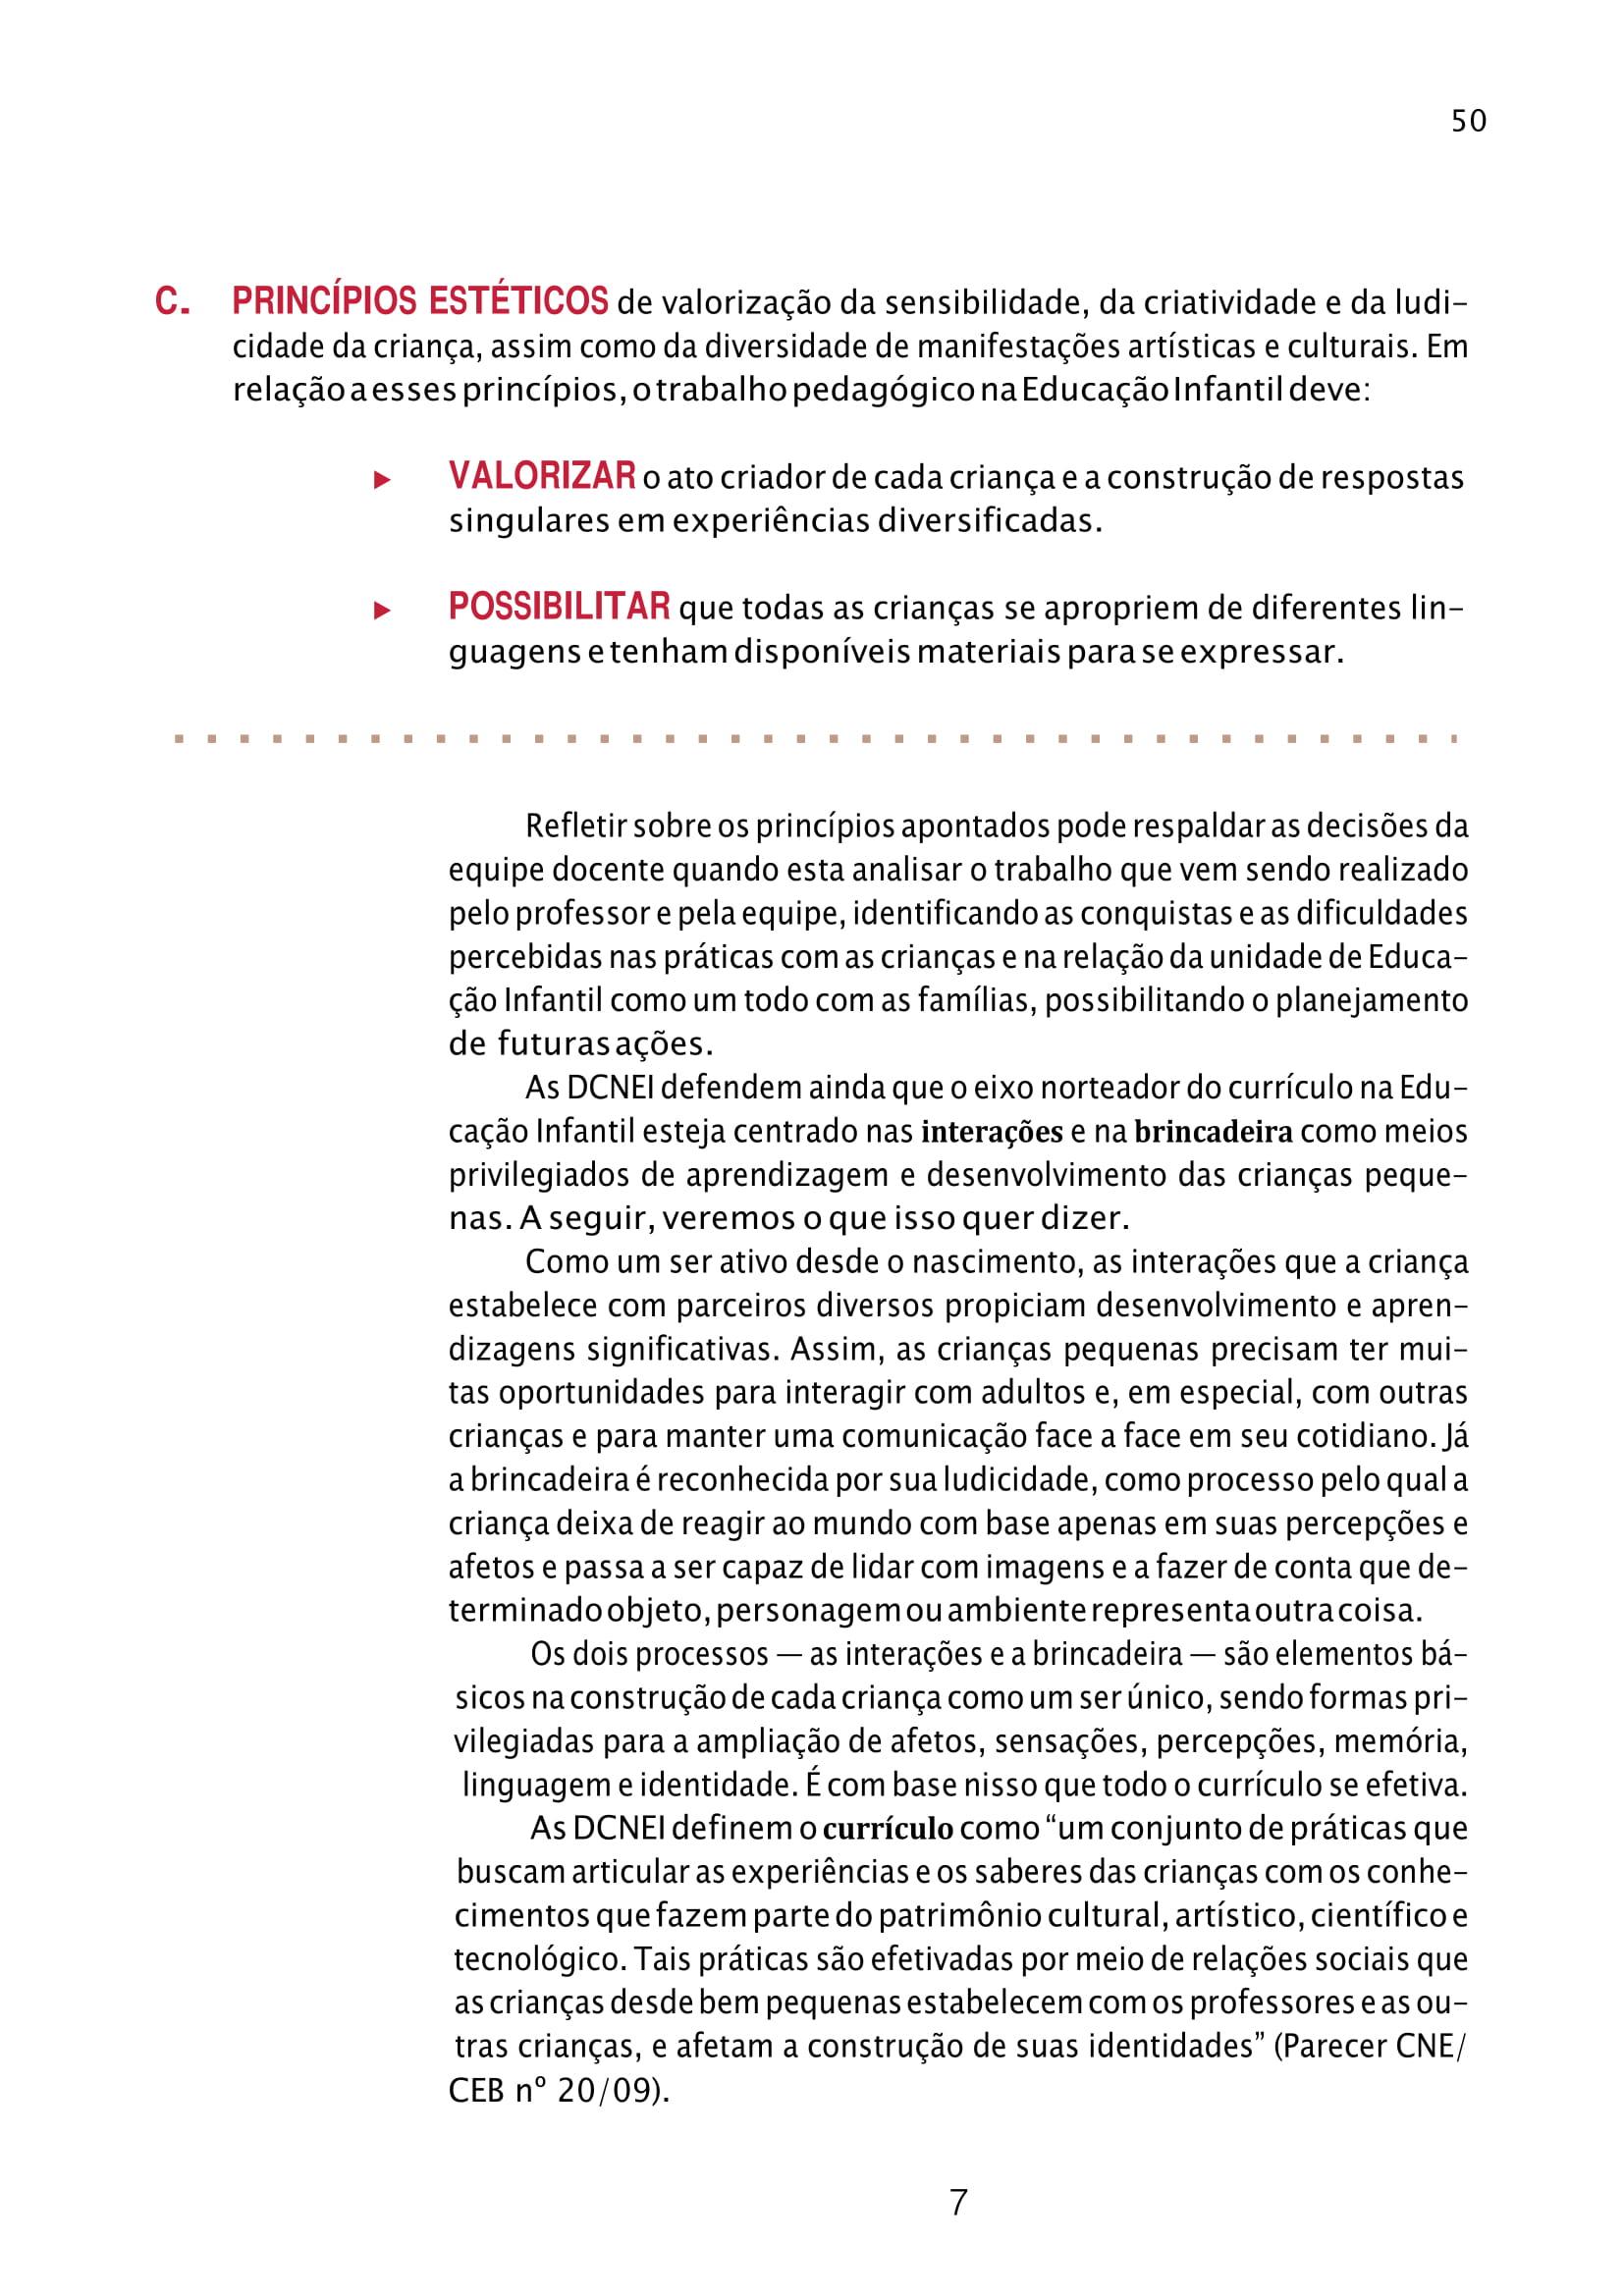 planejamento-educação-infantil-bncc-geral-80